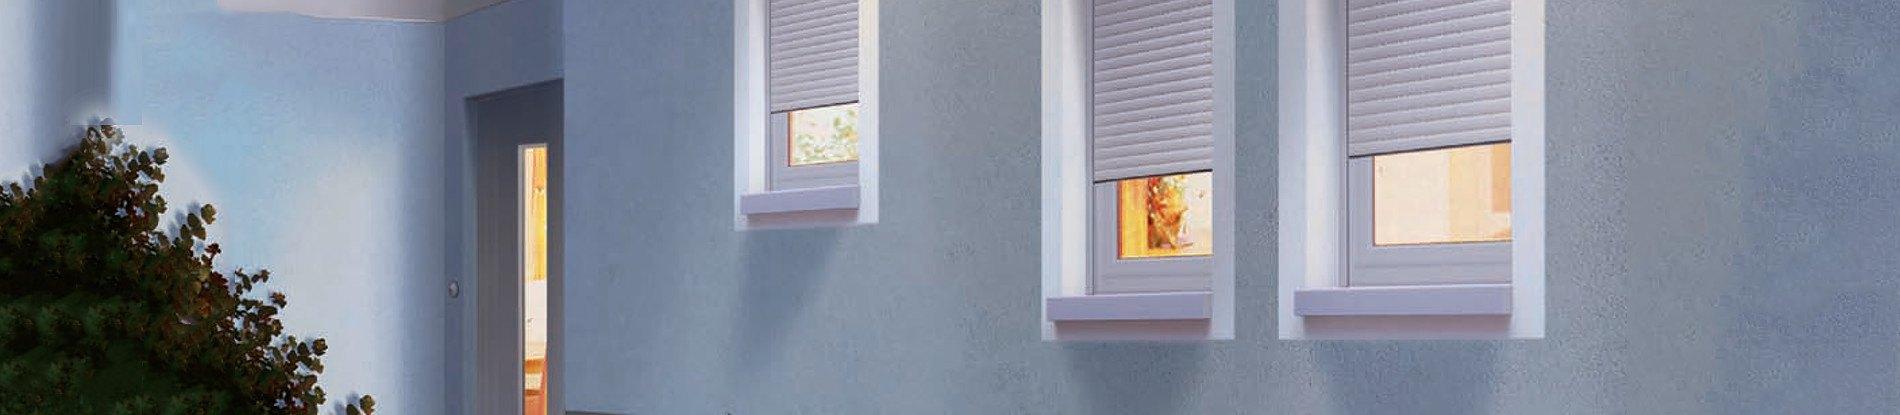 Full Size of Fenster Rolladen Mit Rollladen Preise Kosten Ermitteln Neufferde Rolladenkasten Einbruchschutz Nachrüsten Abus Dachschräge Dreh Kipp Maße Verdunkeln Herne Fenster Fenster Rolladen